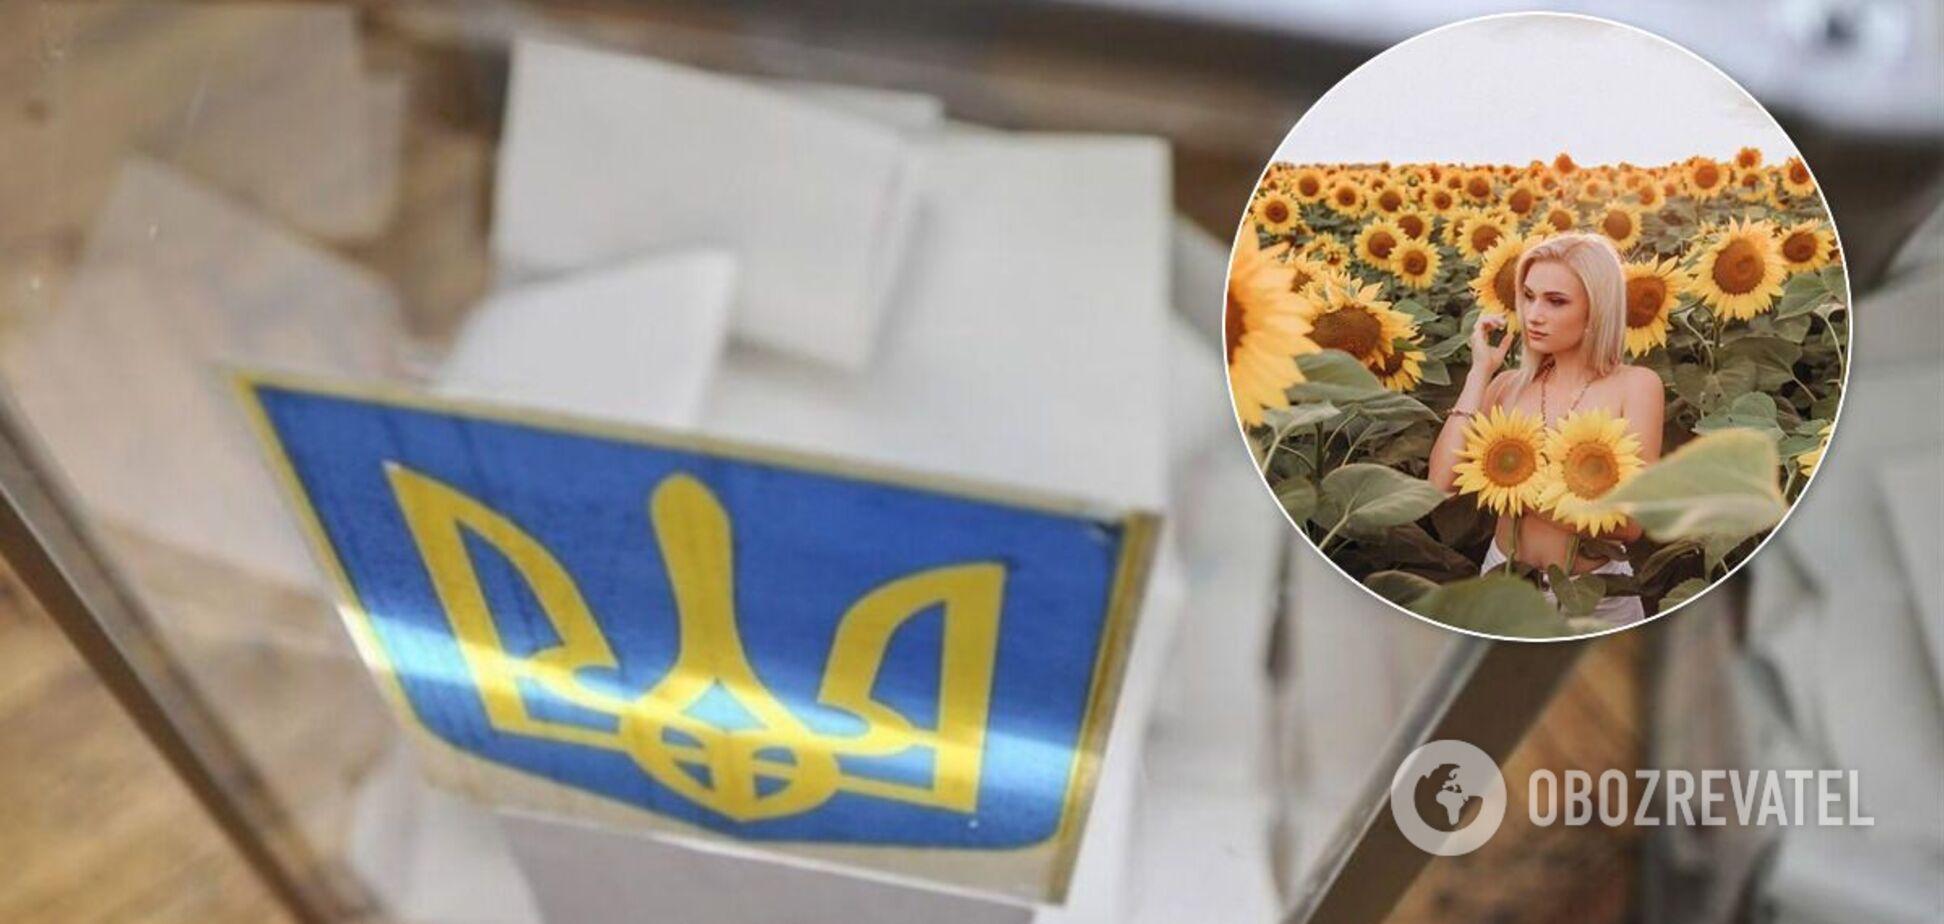 Нашлись 'горячие' фото и видео кандидата в депутаты